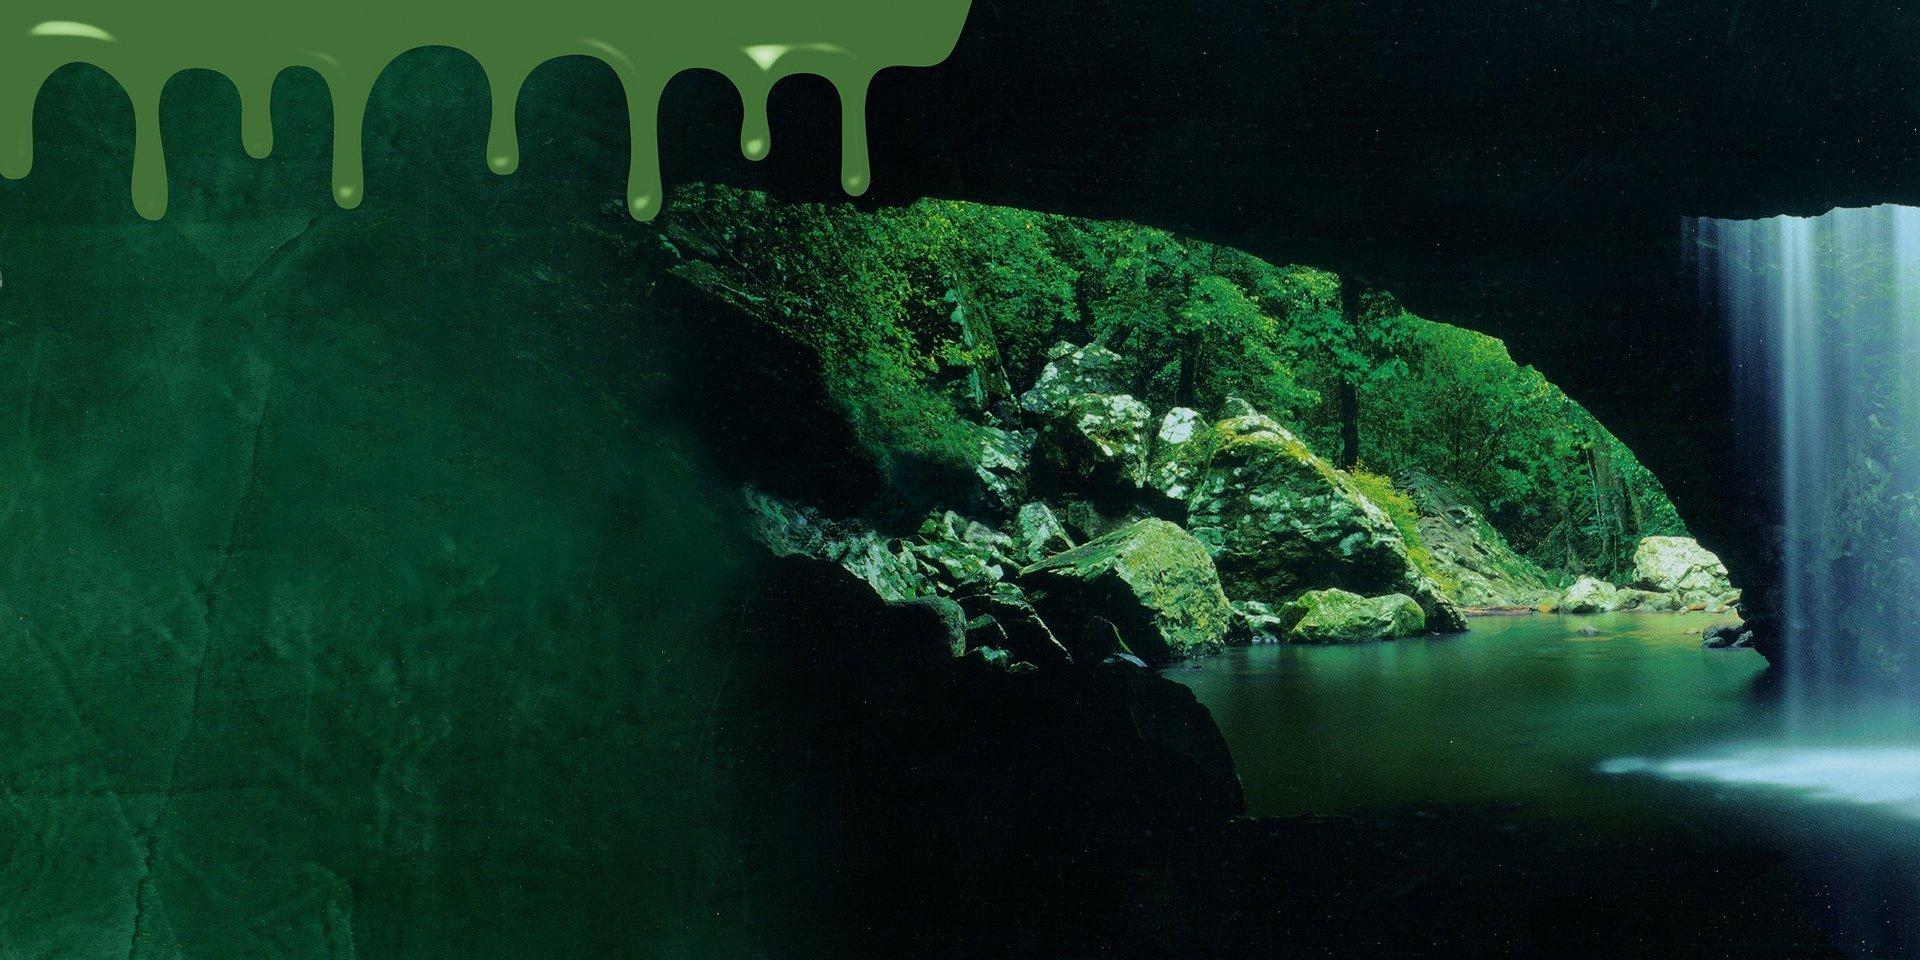 un paesaggio di una foresta con lago